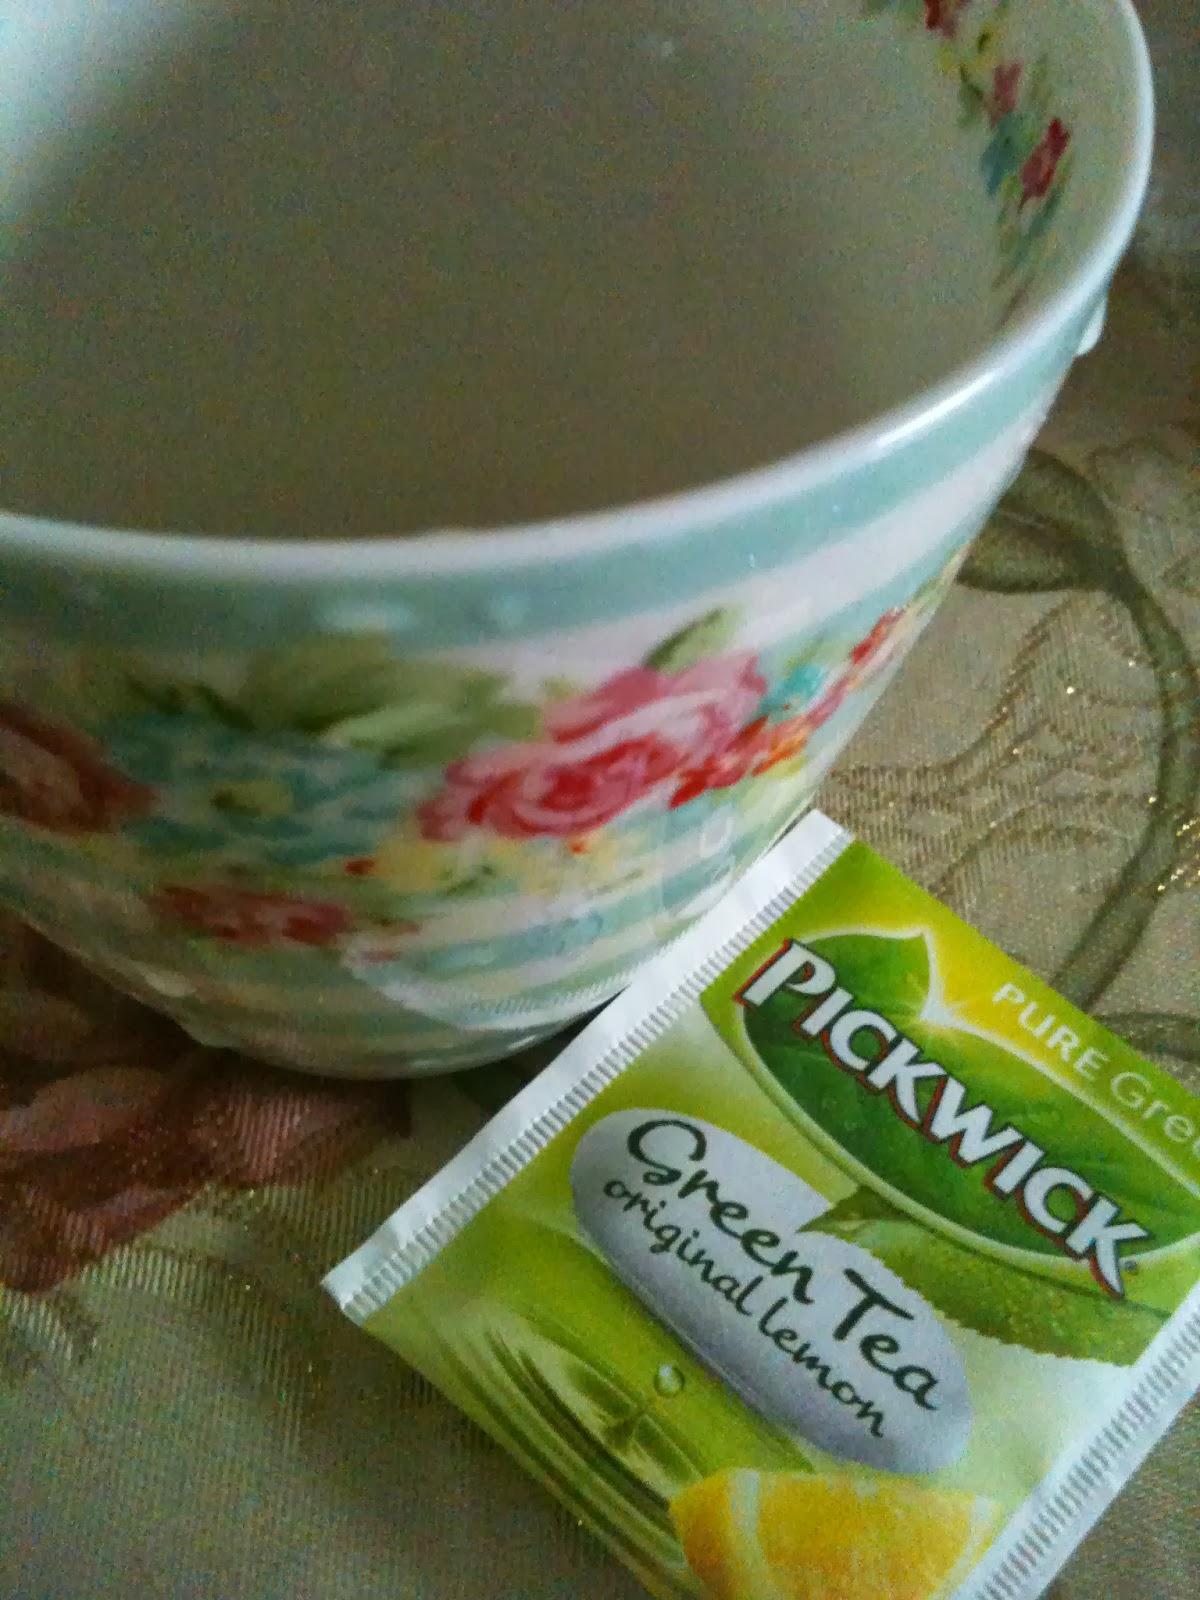 九月秋雫: 【早餐】蜜糖法國麵包 【茶】荷蘭檸檬綠茶,排出多餘水分。 材料: 檸檬1個. 綠茶粉2湯匙 . 做法: 在暖水中加入綠茶粉,做法 | StarryTearoom的Cook1Cook食譜分享